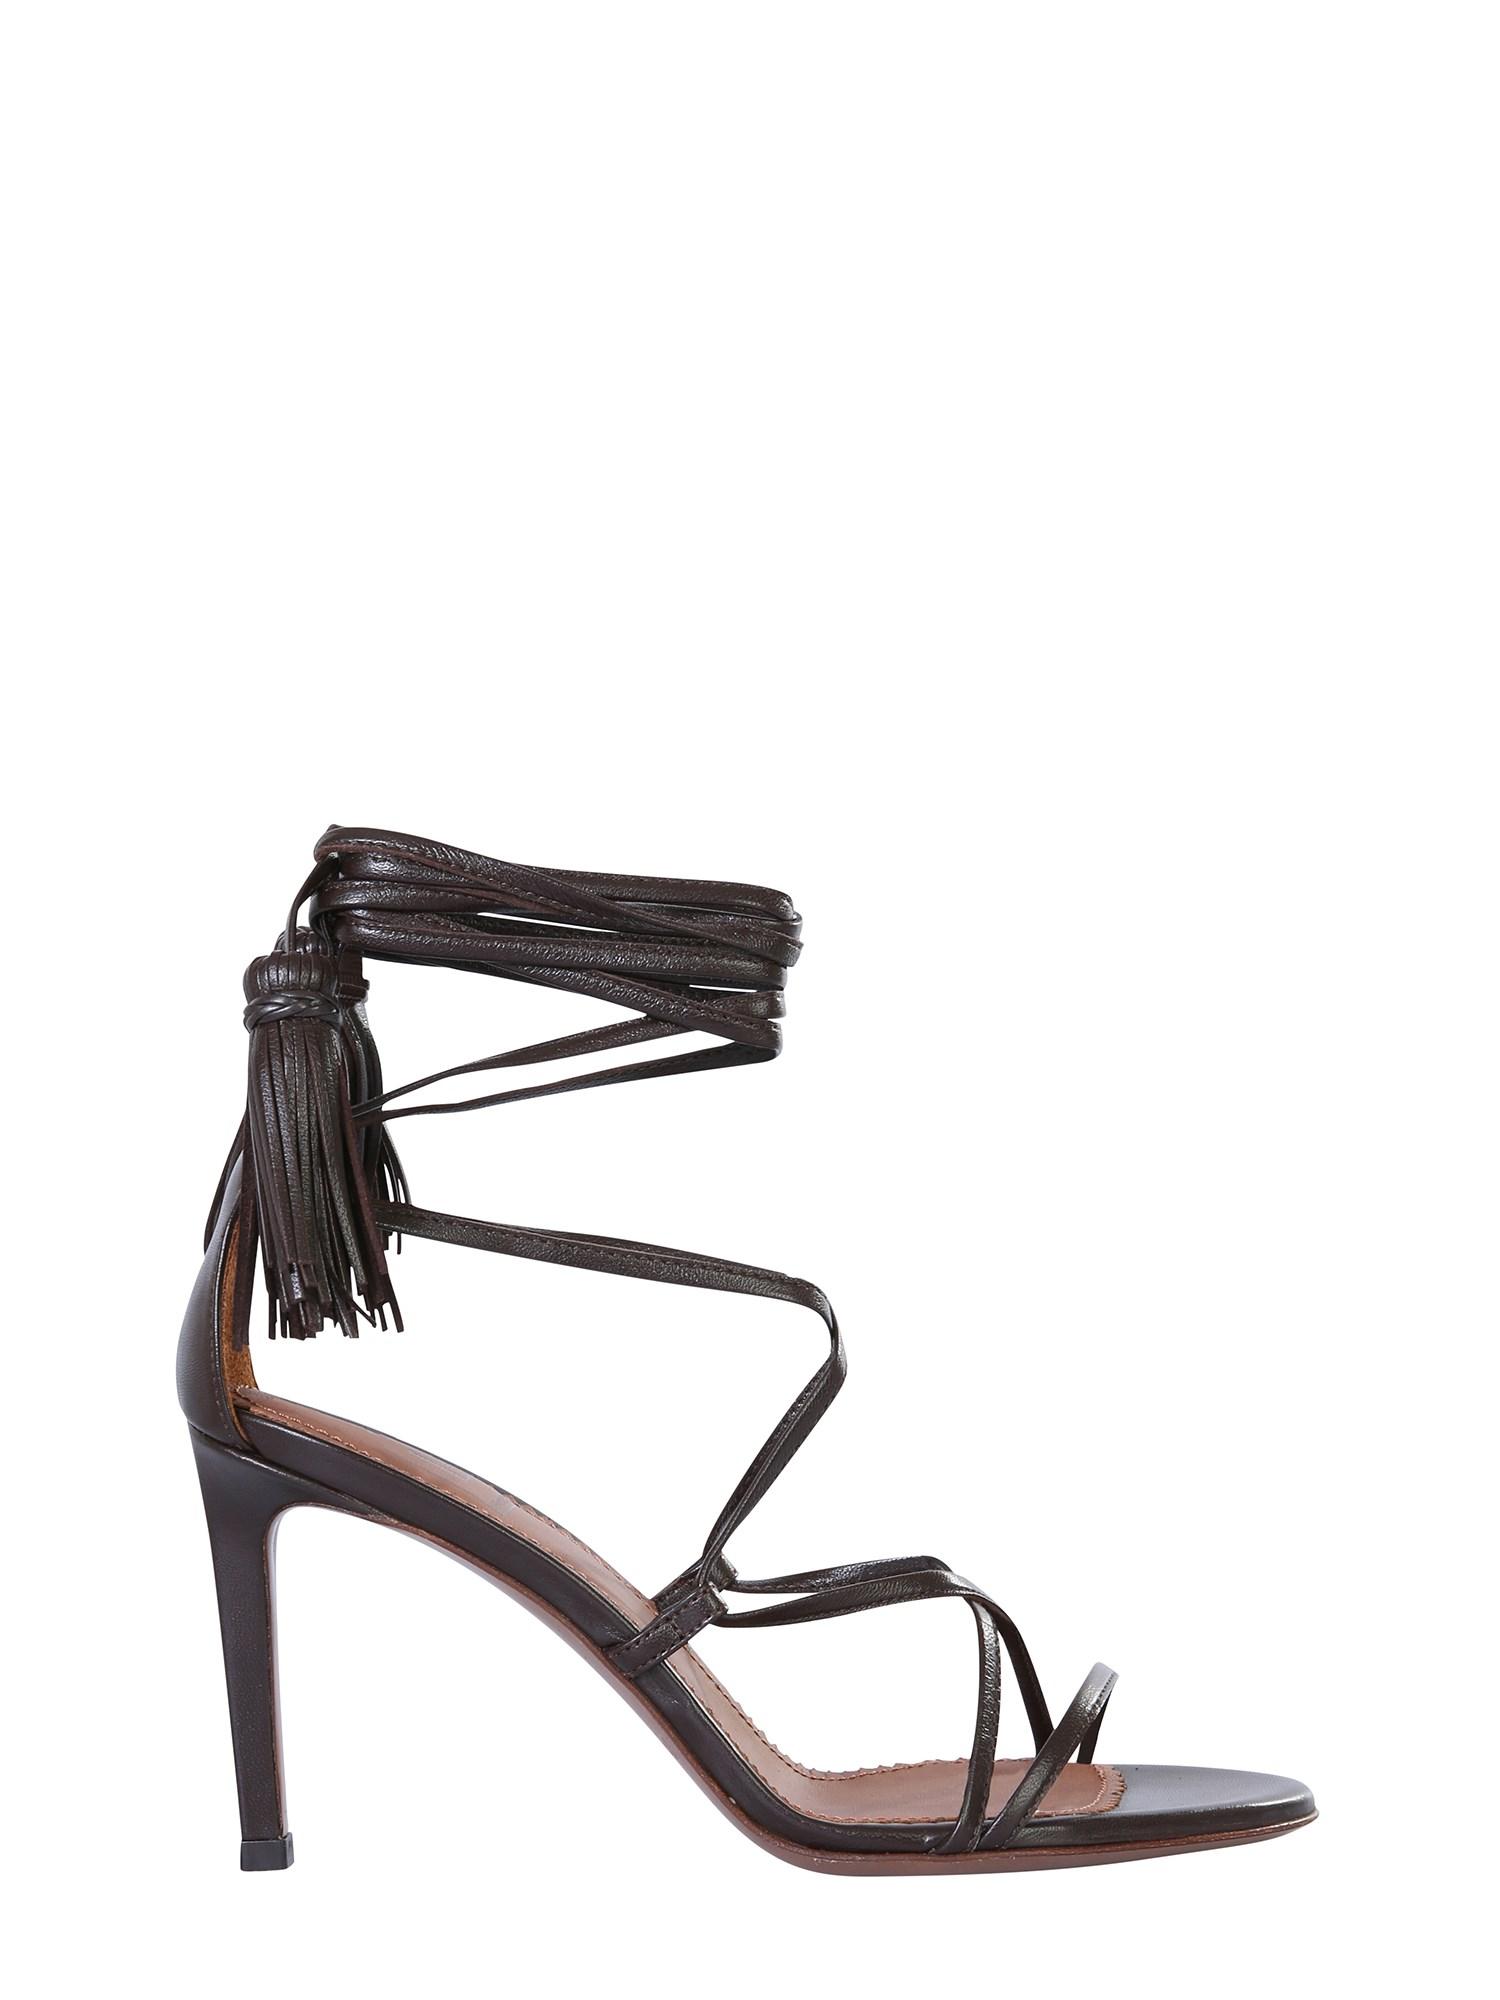 L'autre Chose Lux Nappa Sandals